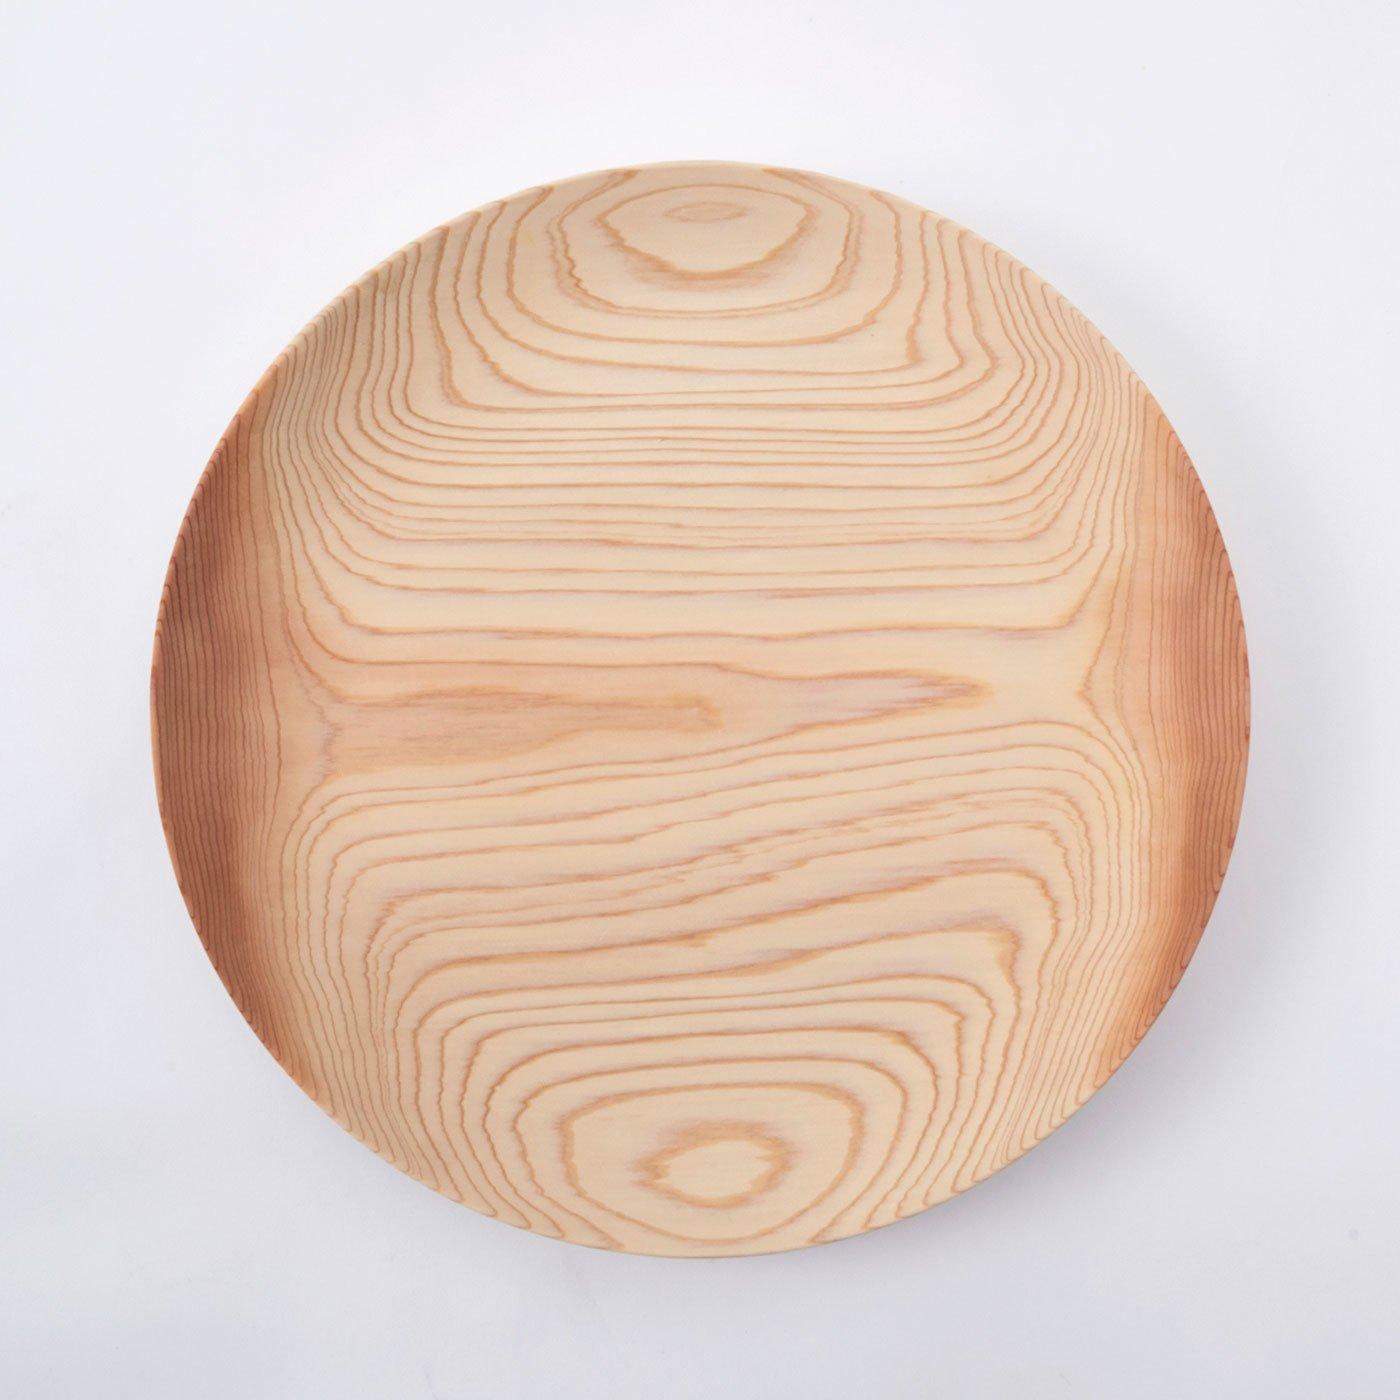 一生もの! ガラス塗装だから気軽に使えてうれしい 食をやさしく彩る秋田杉の大皿33cm